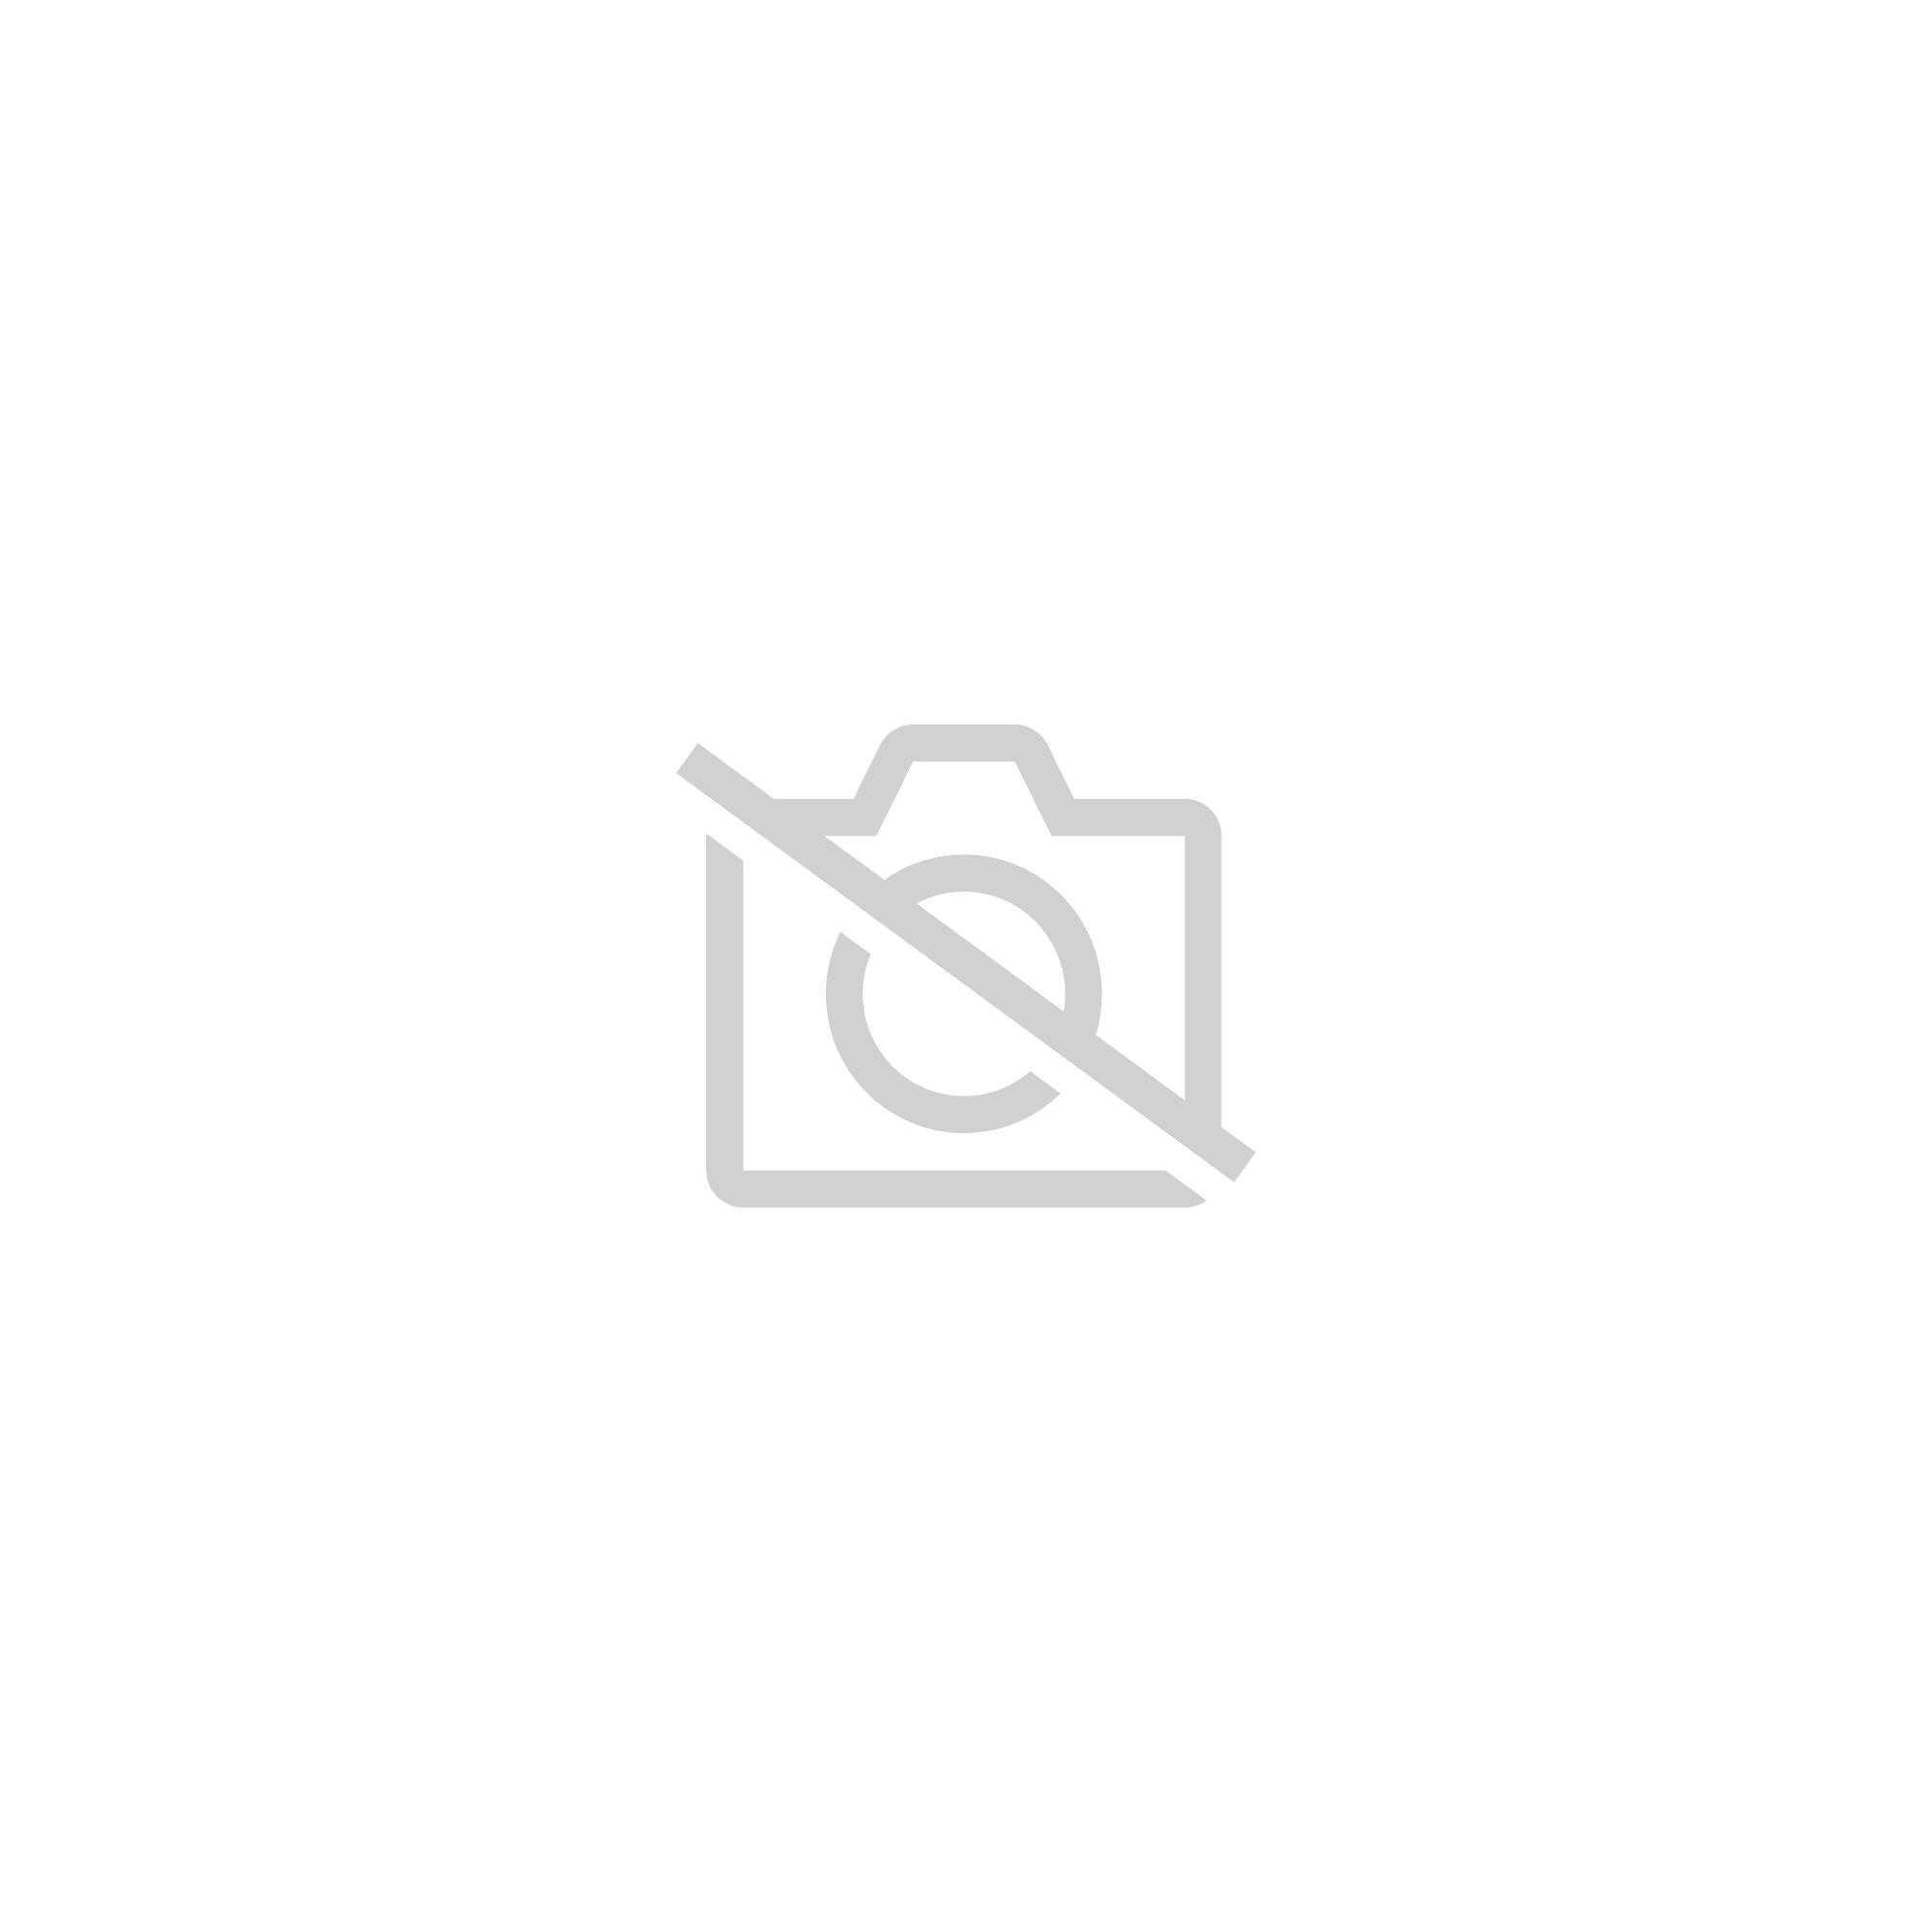 Bracelet De Montre Bracelet À Quartz Analogique Ronde En Acier Inoxydable Pour Hommes #8